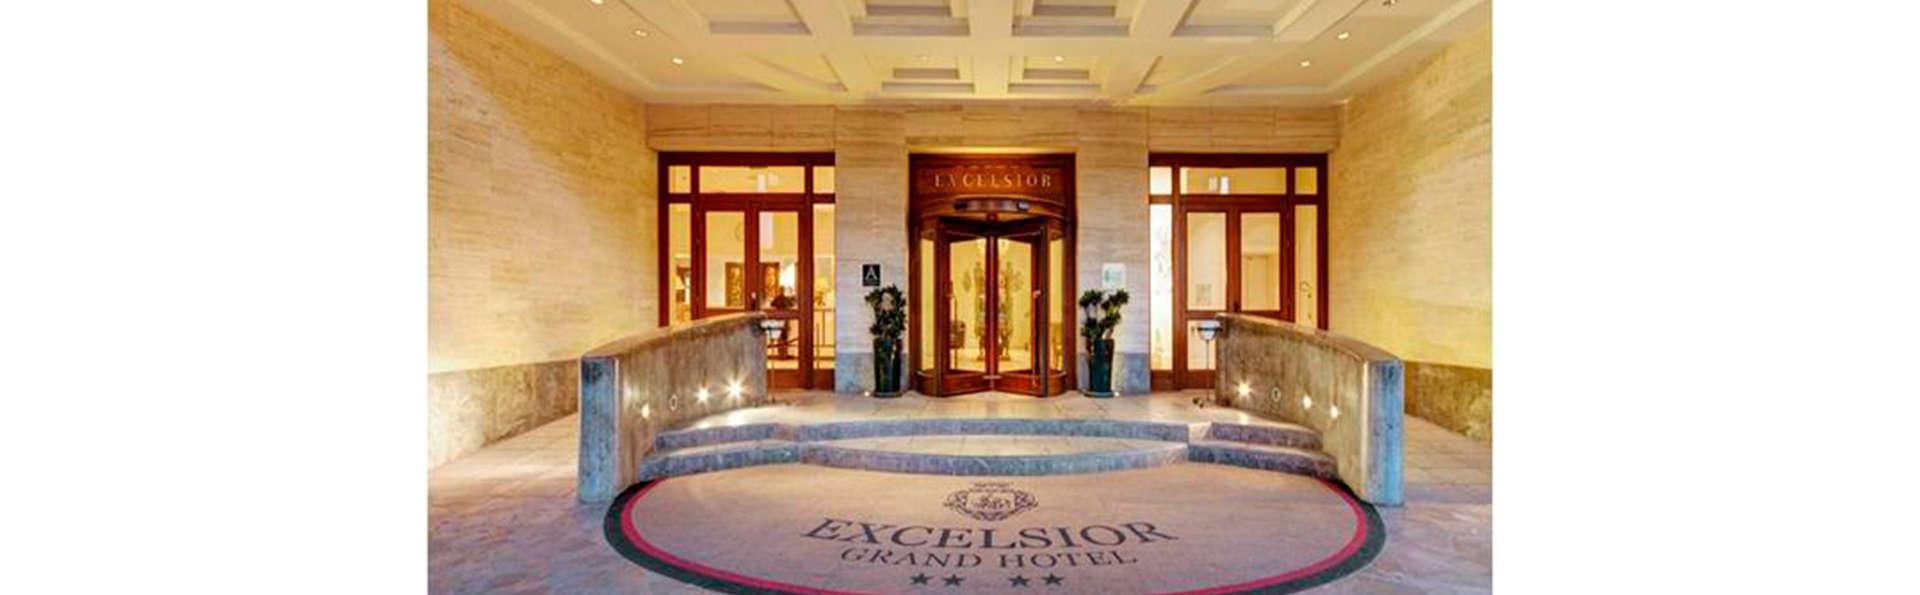 Hotel Mercure Catania Excelsior 4* - Catania, Italia